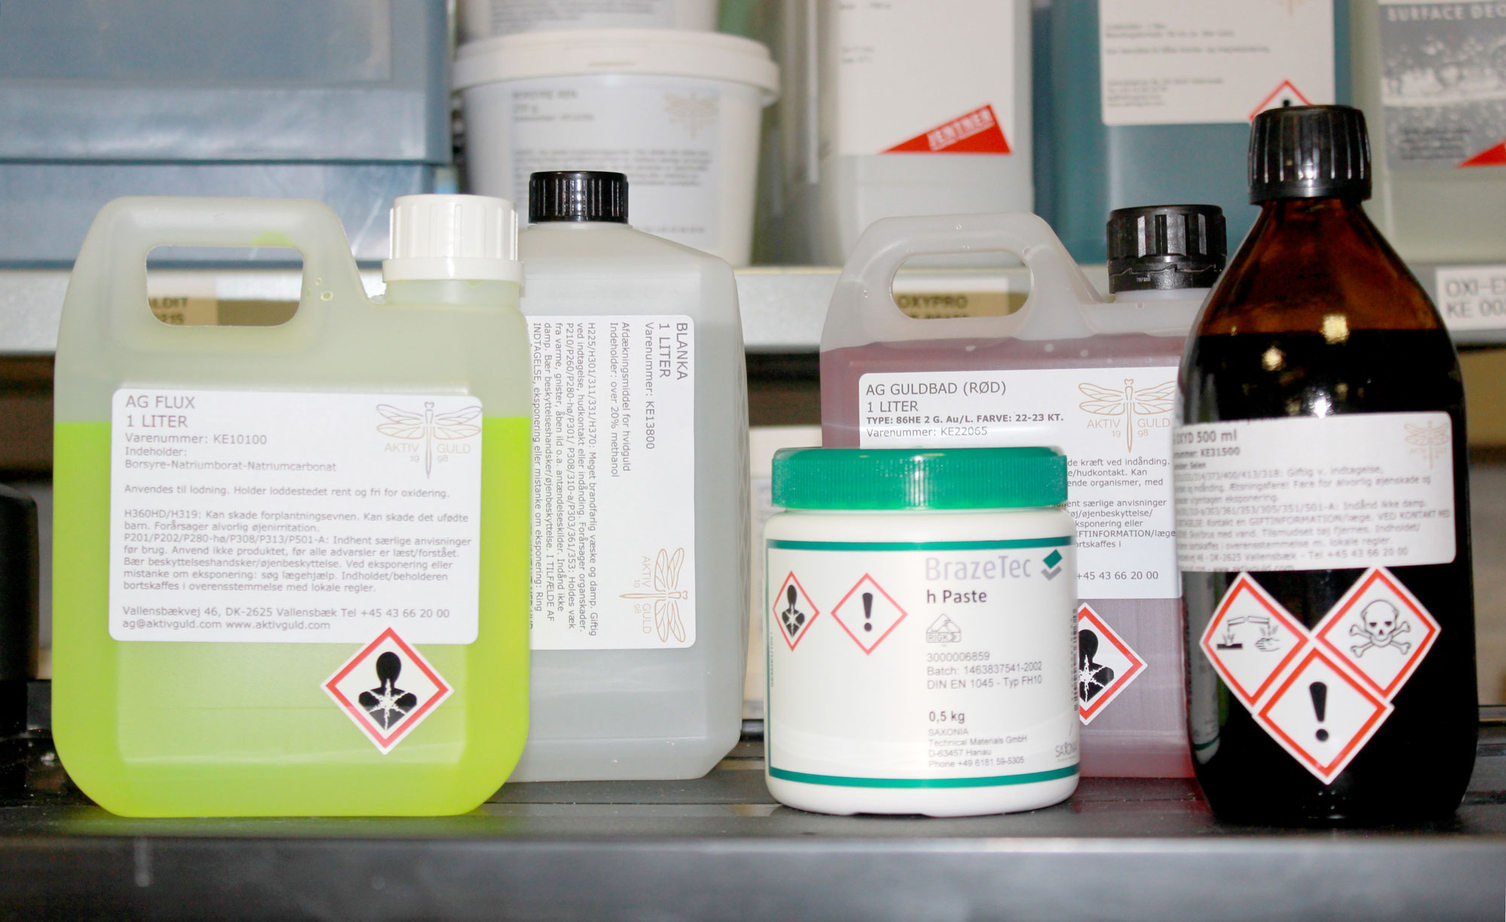 Enligt Arbetsmiljöverkets regler krävs det tillstånd eller anmälan för arbete med vissa kemiska och biologiska ämnen som medför särskilda risker